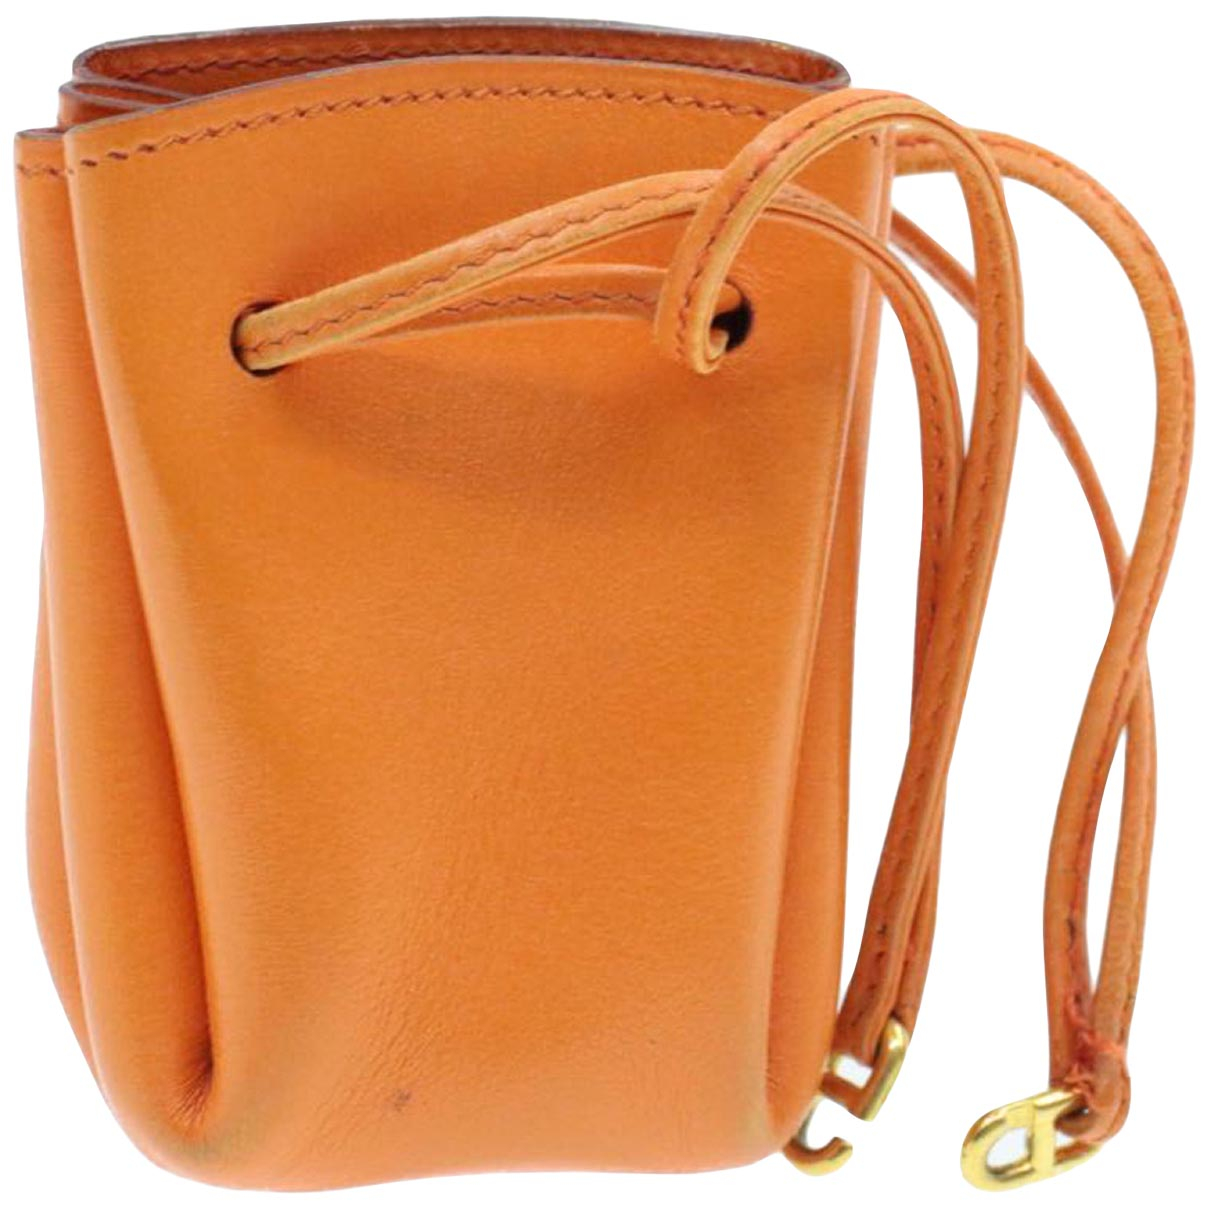 Hermes - Sac de voyage   pour femme en cuir - orange